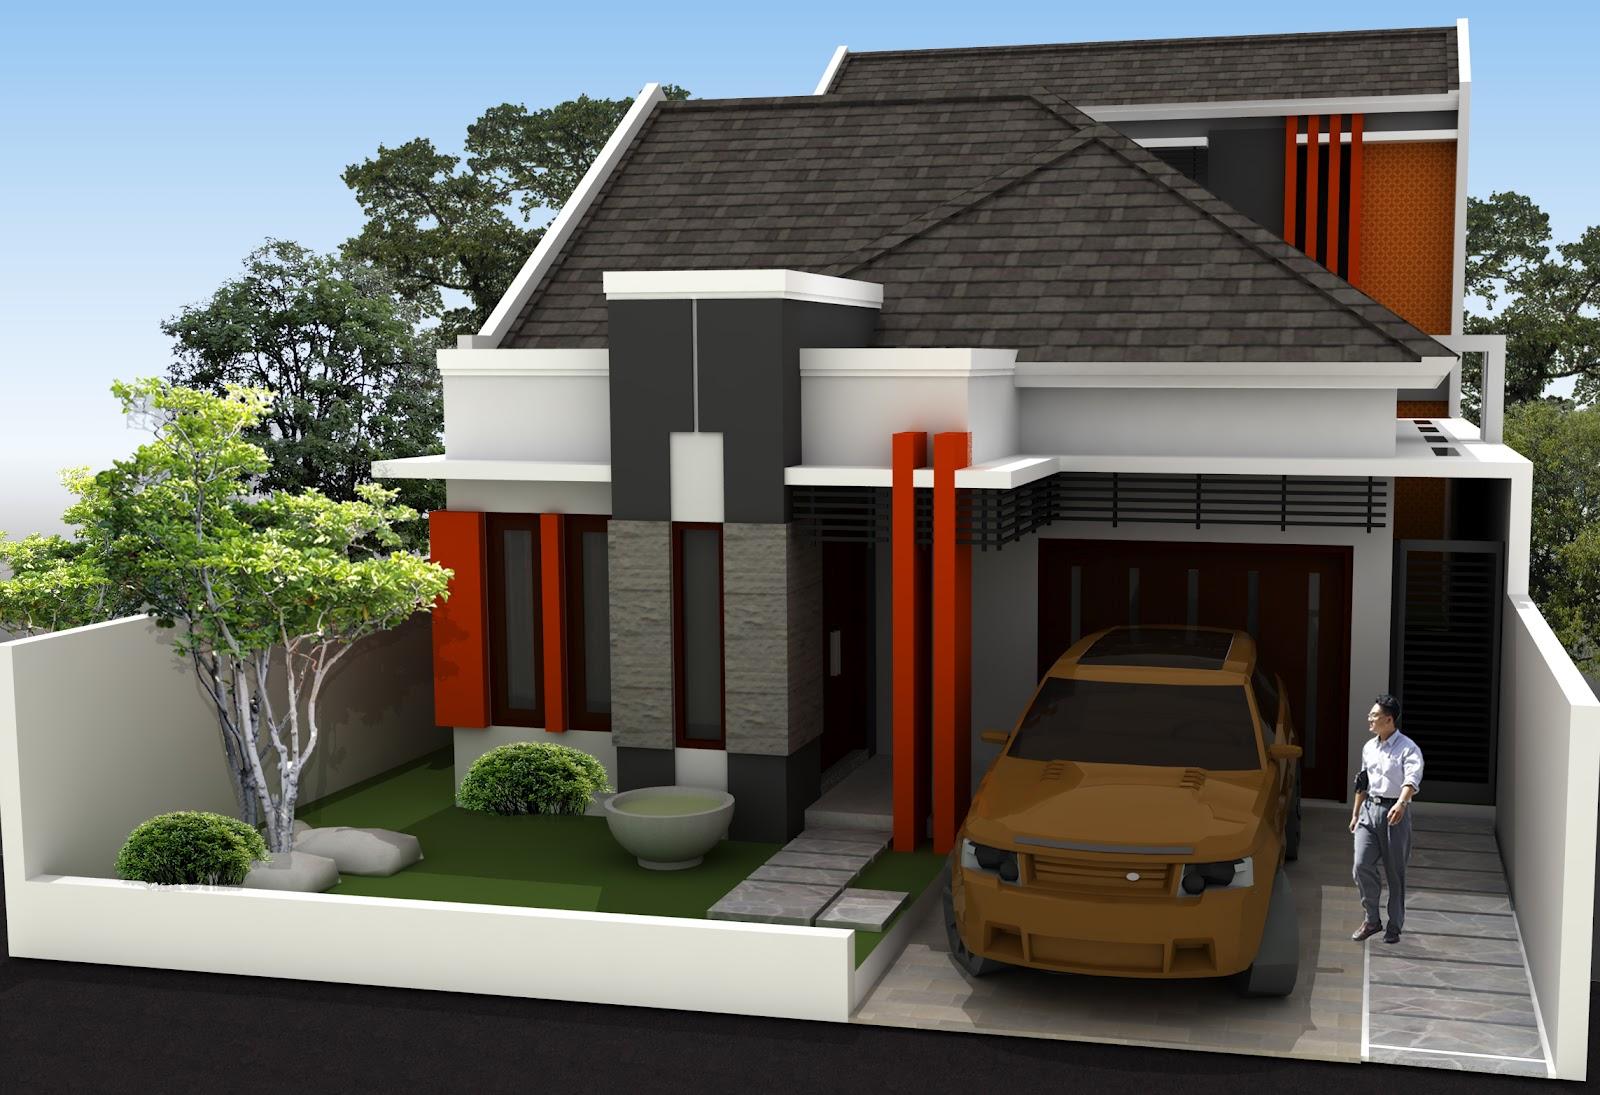 Desain Rumah Minimalis Type 60 & Desain Rumah Minimalis Type 60 15 - Desain Rumah Minimalis